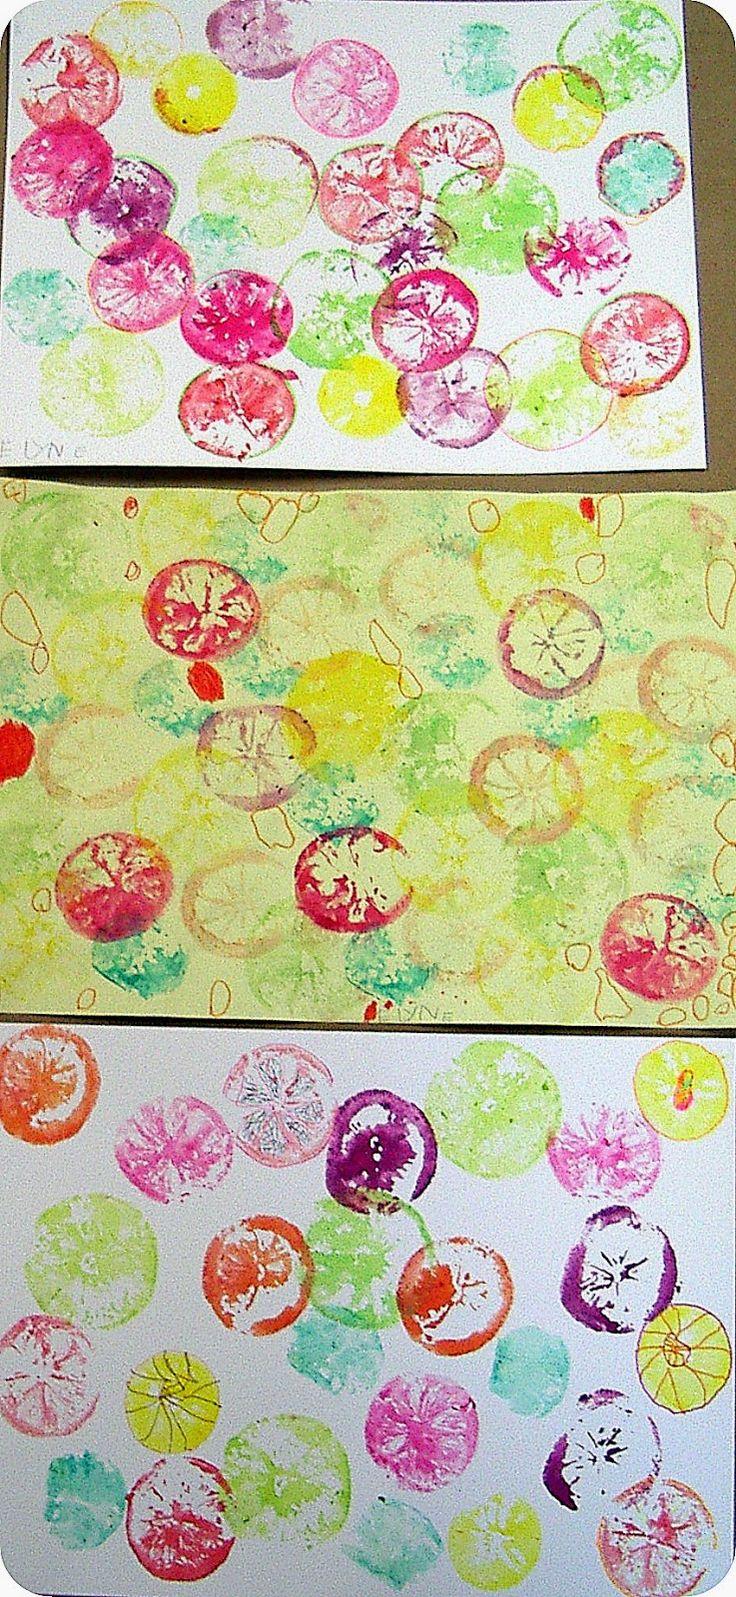 Empreintes d'agrumes Couper oranges, citrons et clémentines, par la moitié puis tremper dans les encres de couleurs. Ensuite, tamponner tous ces agrumes dans différentes teintes sur un papier aquarelle. Une fois secs, les travaux sont rehaussés aux feutres avec des graphismes.